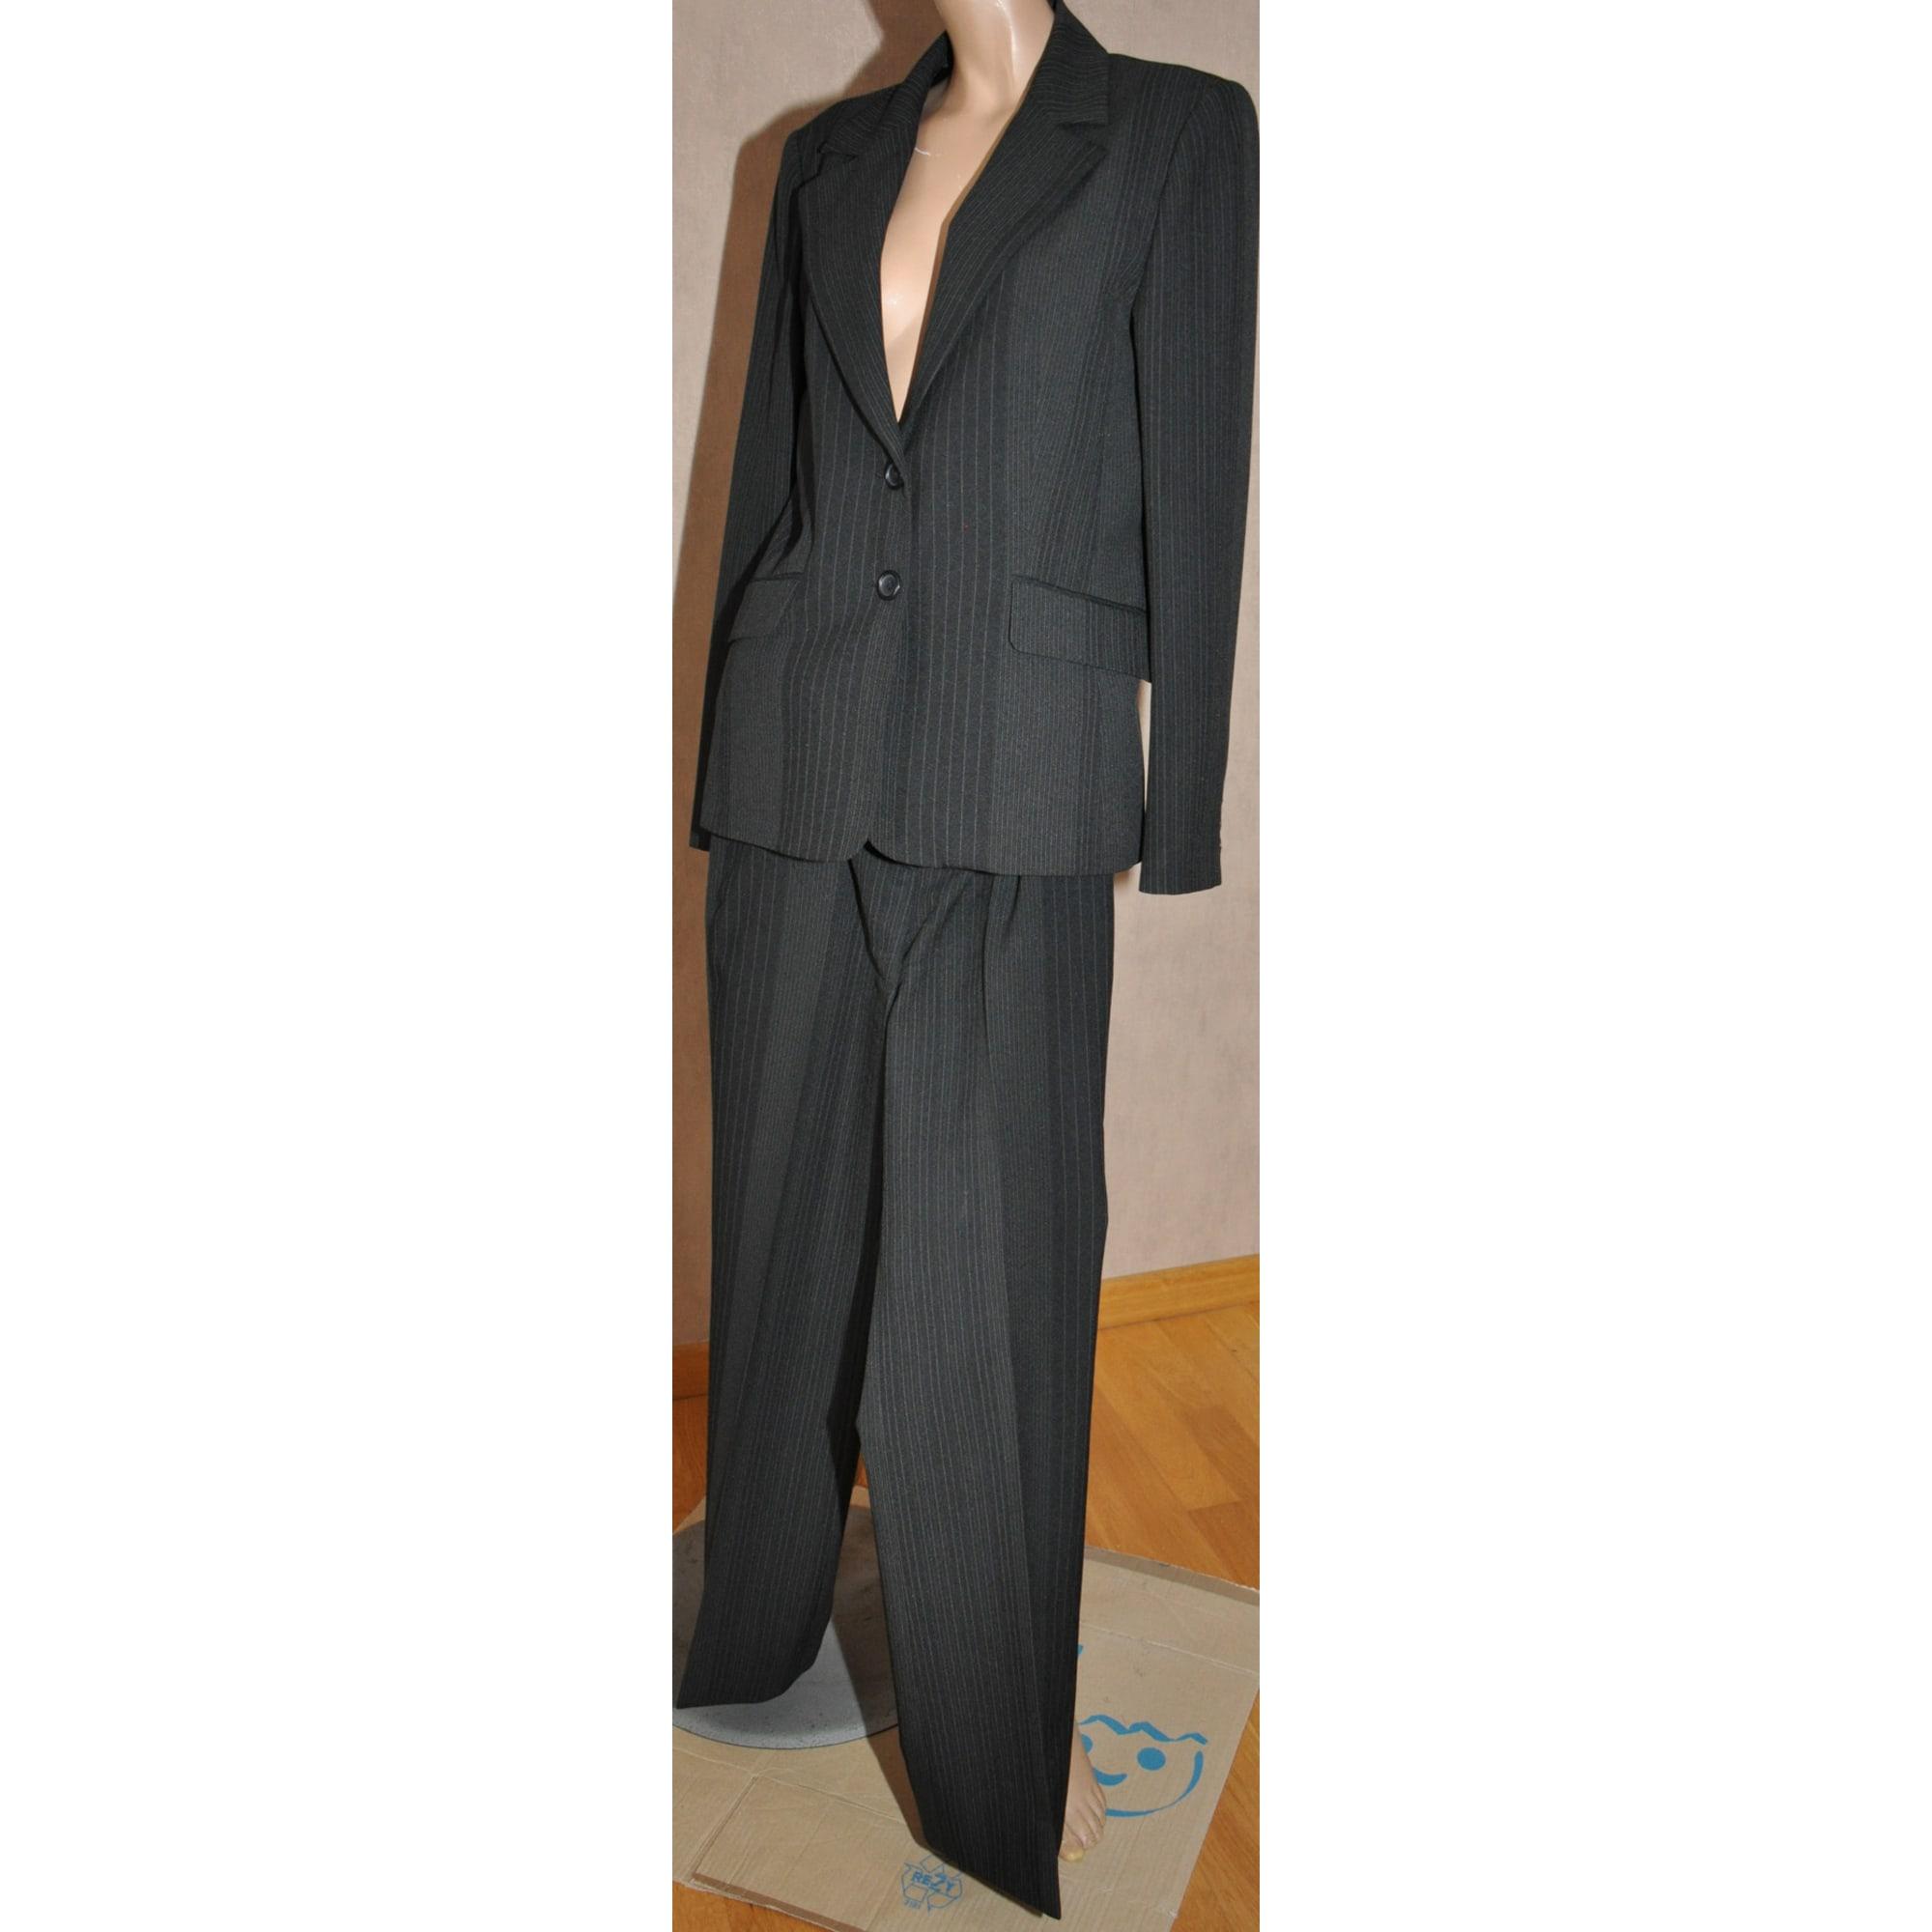 super qualité Beau design commercialisable Tailleur pantalon